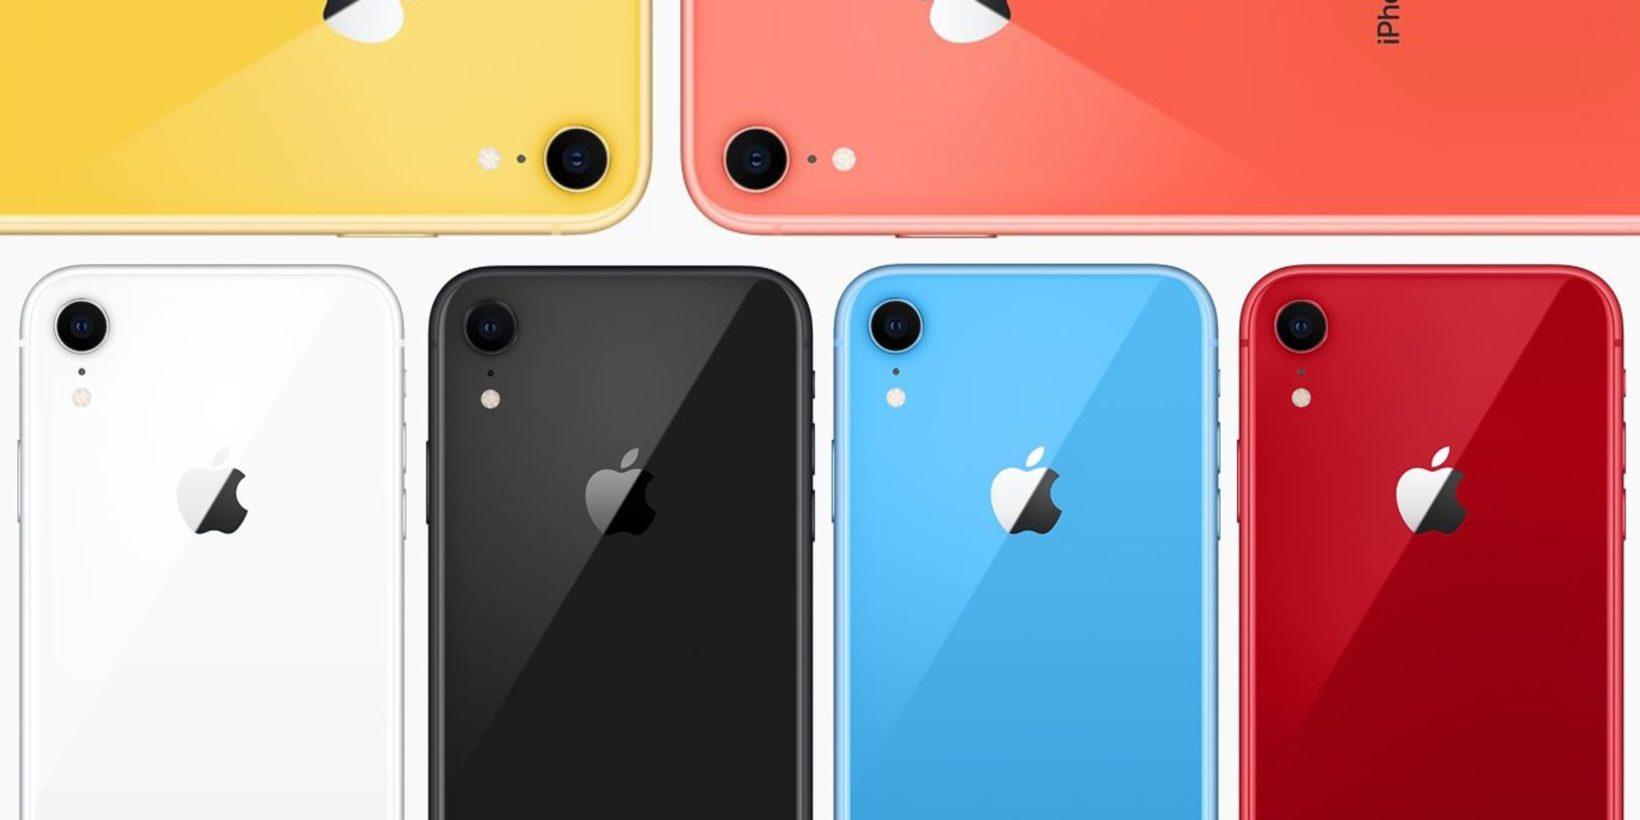 Recensioni iPhone XR: il terminale da scegliere, ma con qualche logico compromesso